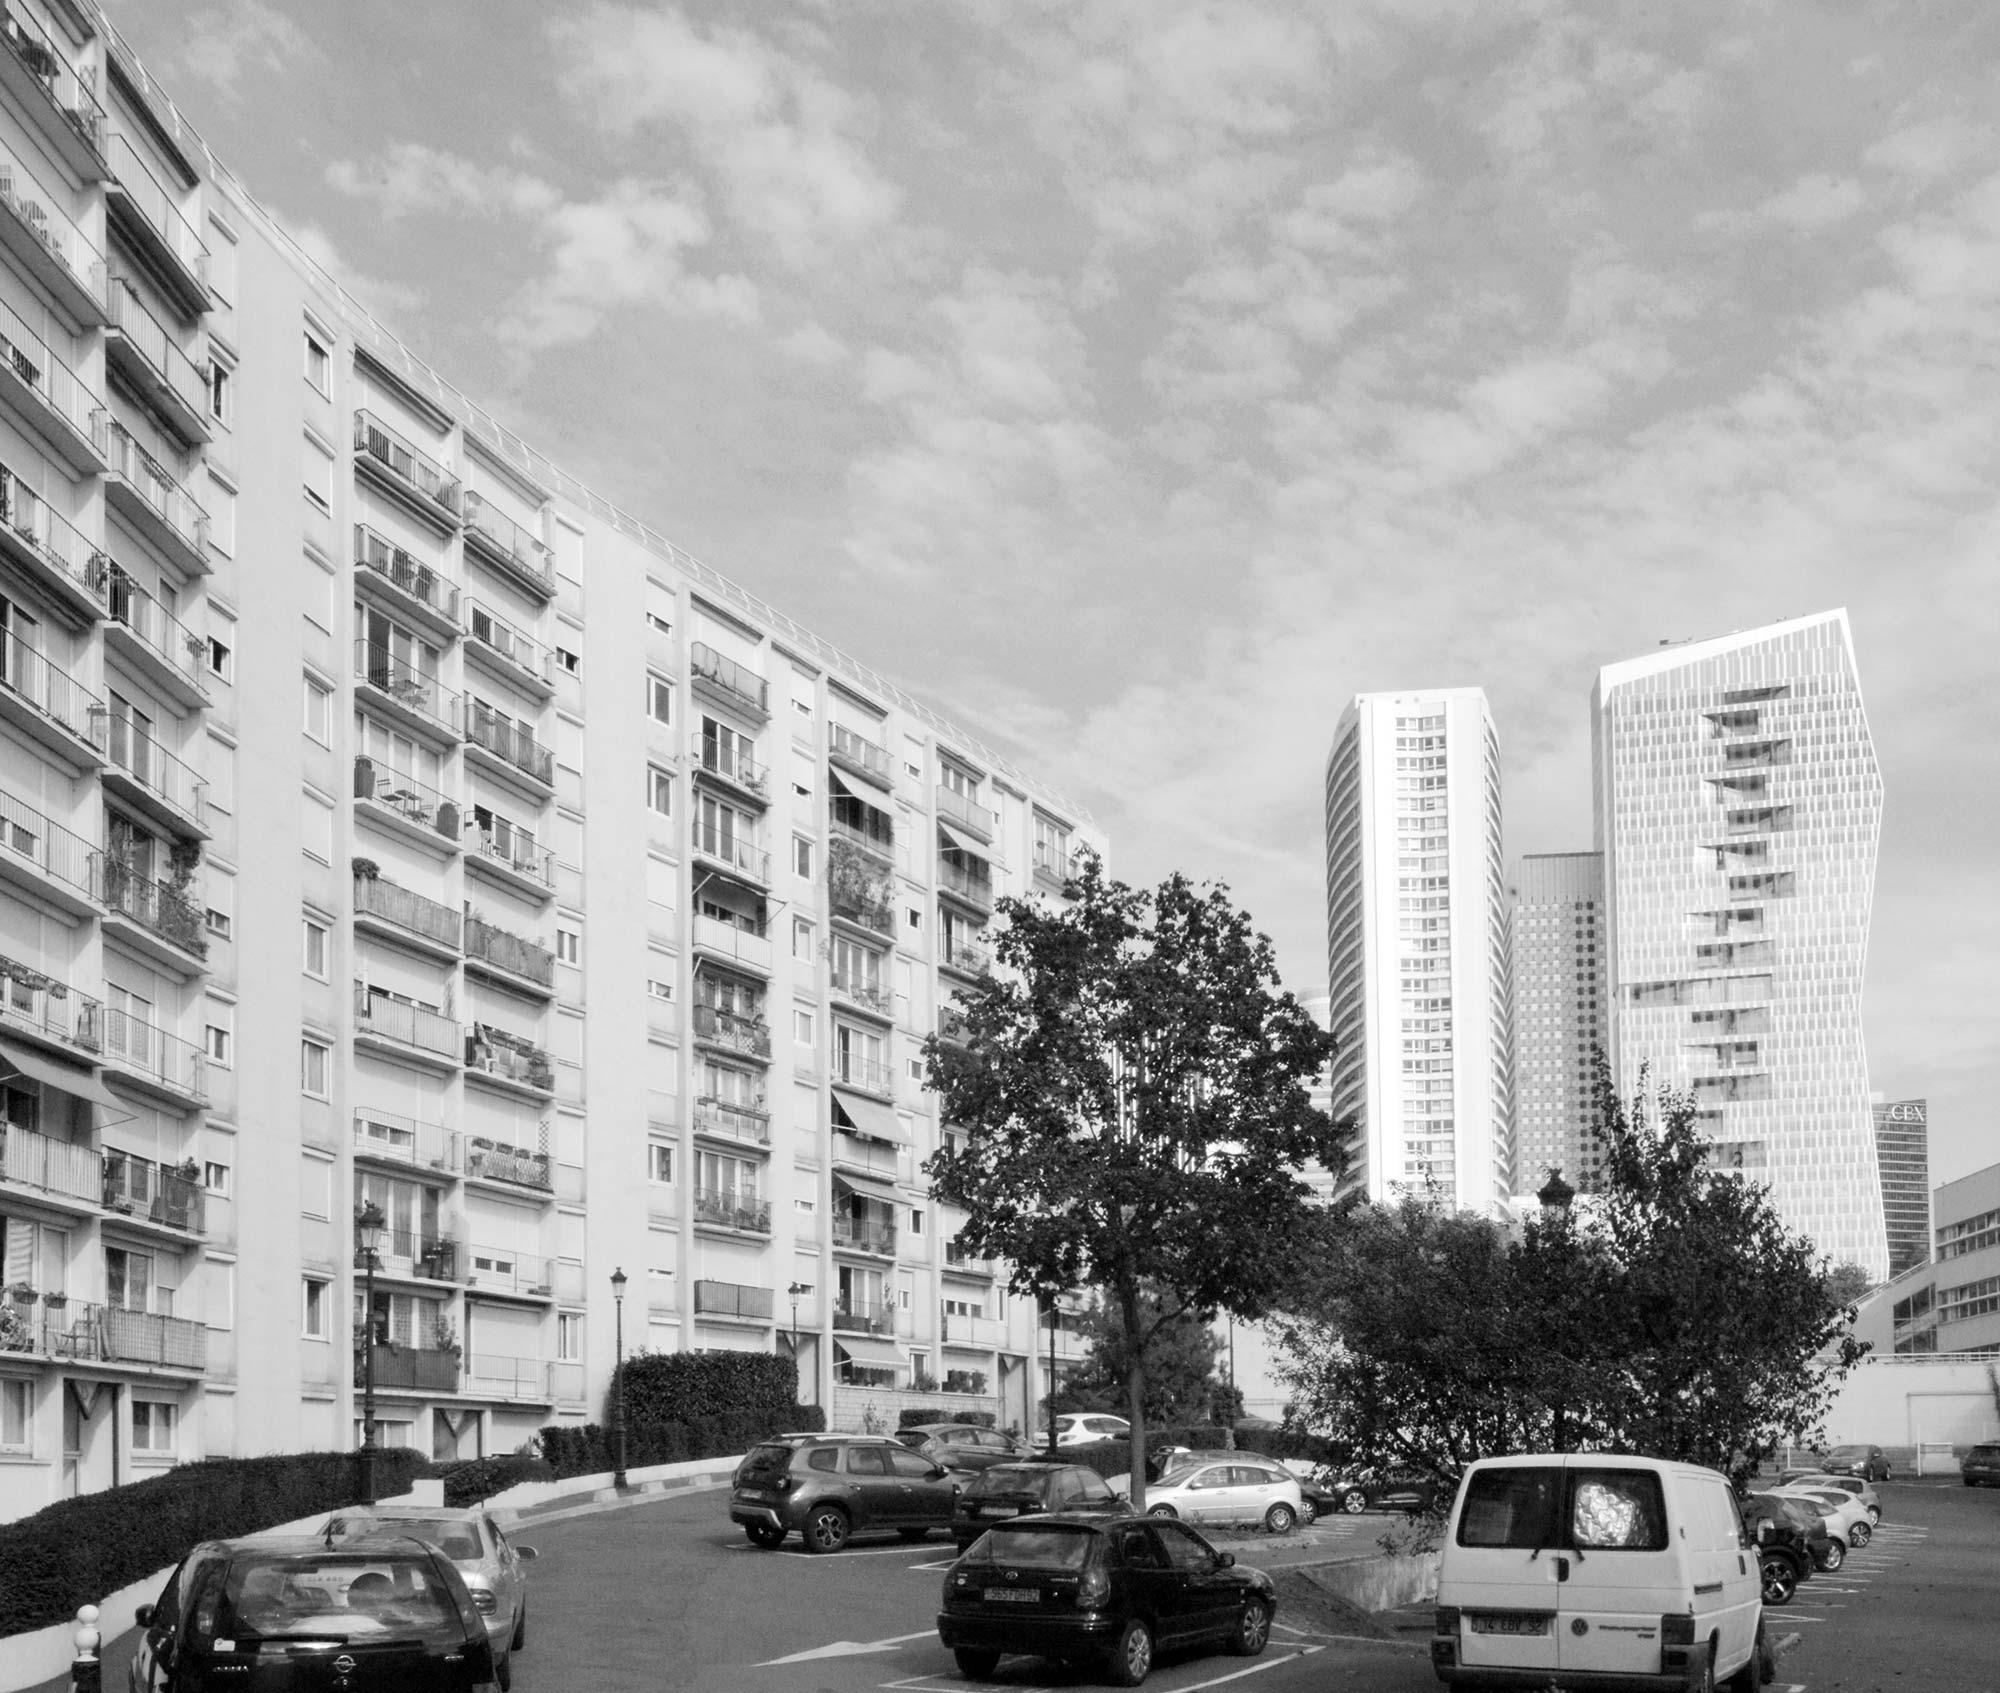 Raf Listowski Atelier d'Architecture Résidence Anatole France ville de Puteaux réhabilitation thermique requalification artichecturale